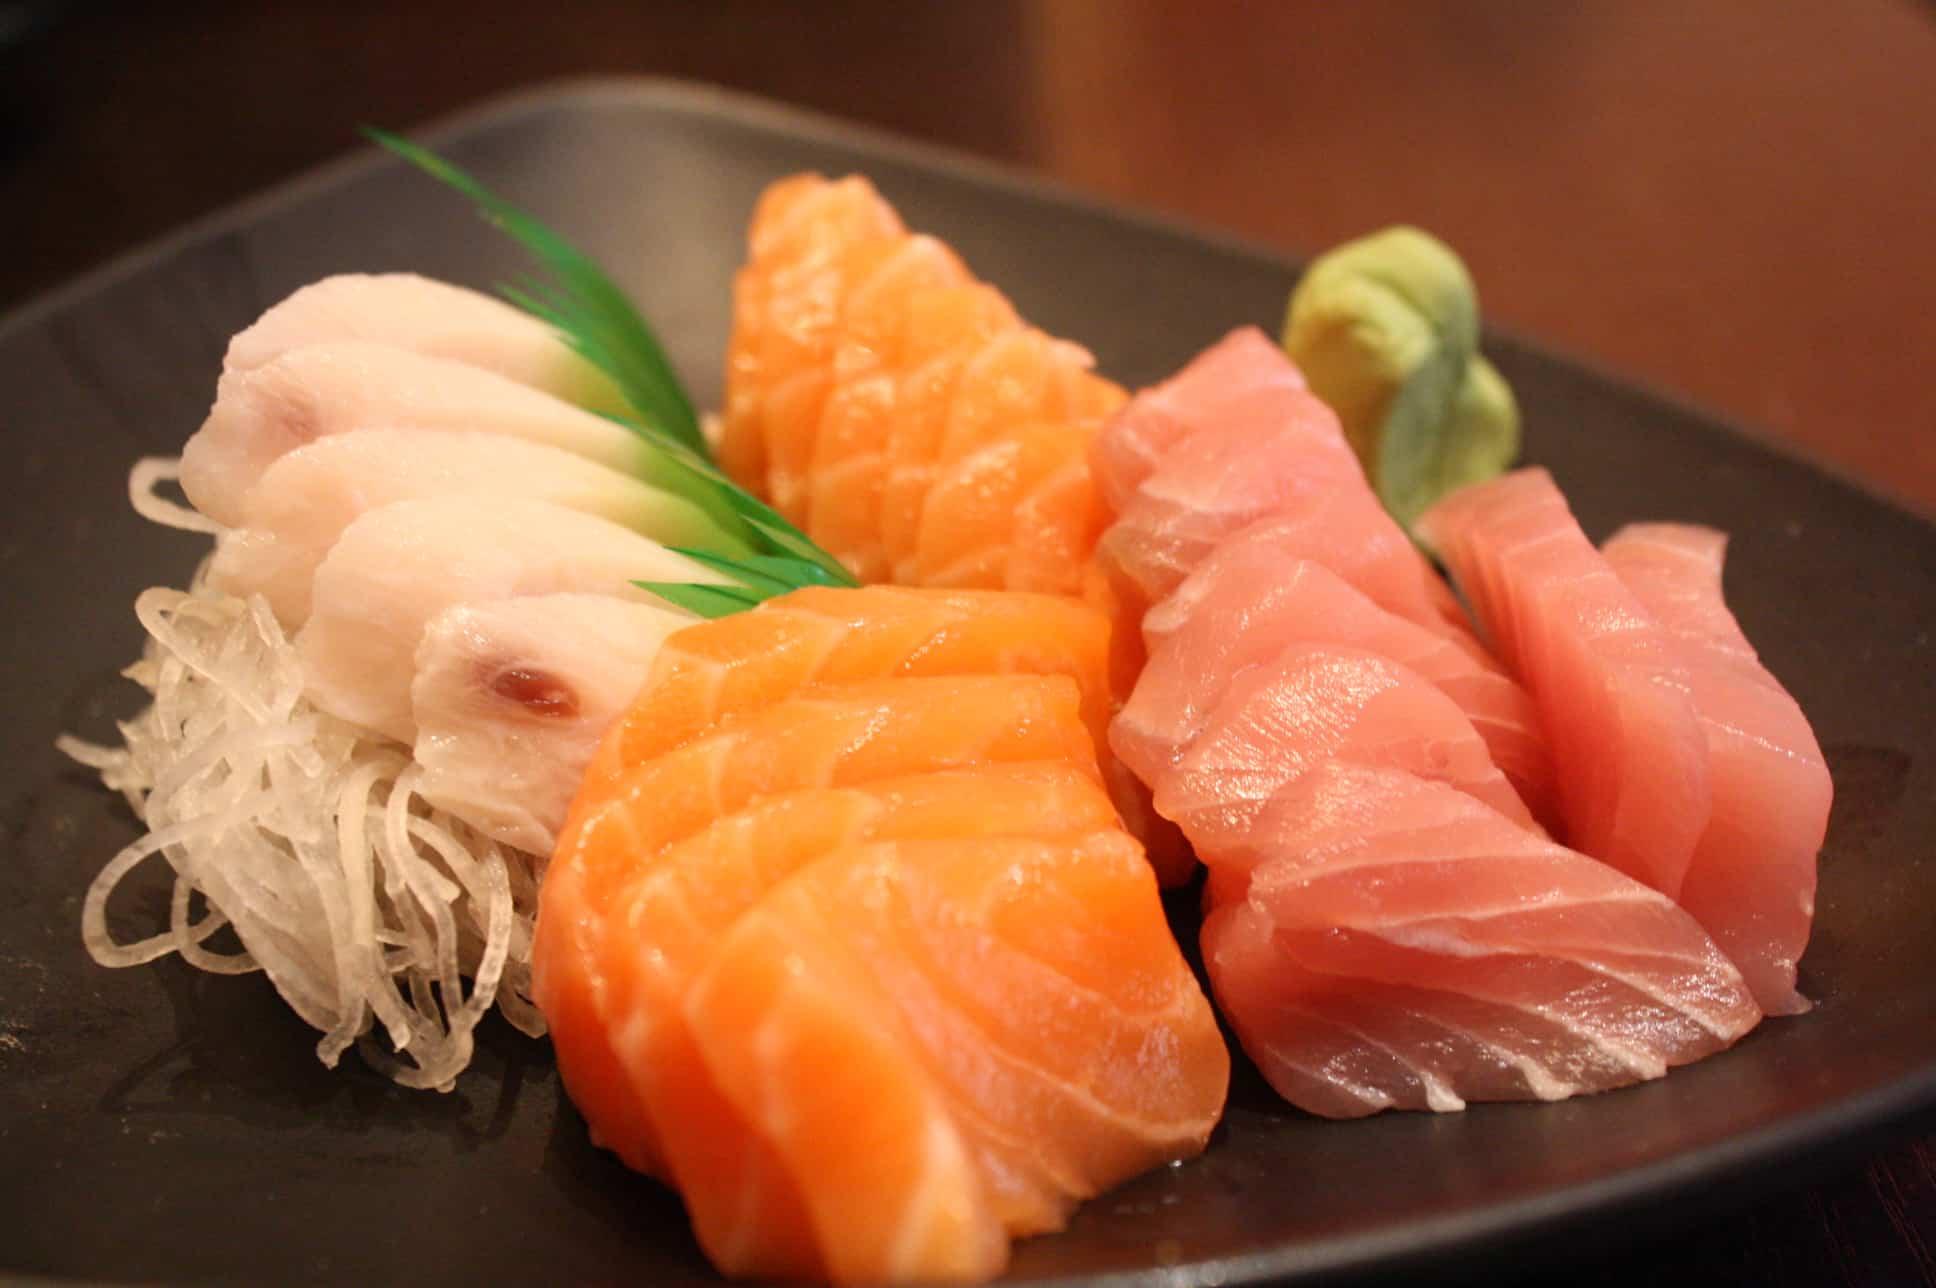 تعليم الطهي الياباني و الصيني في دبي